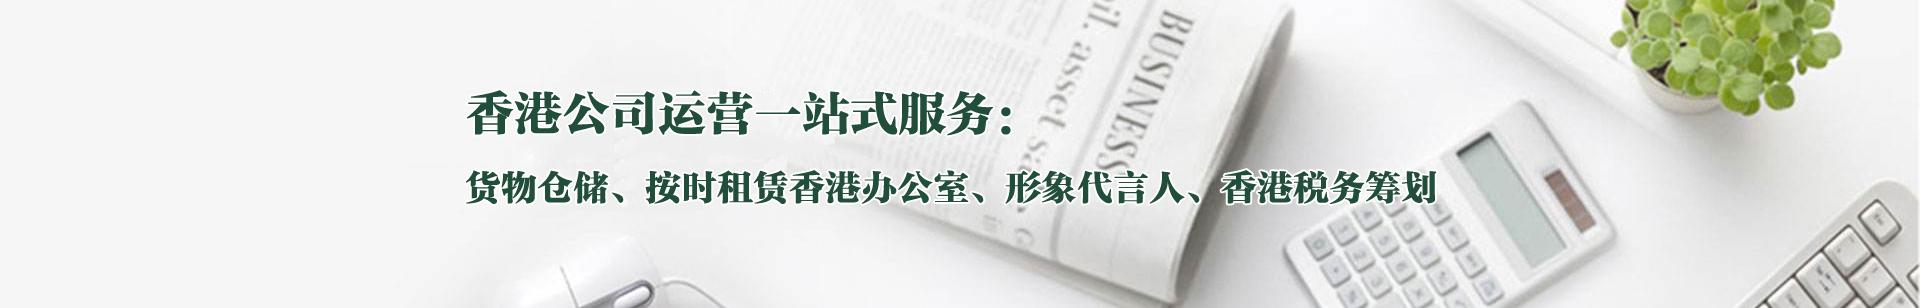 香港银行开户包过【20年成功